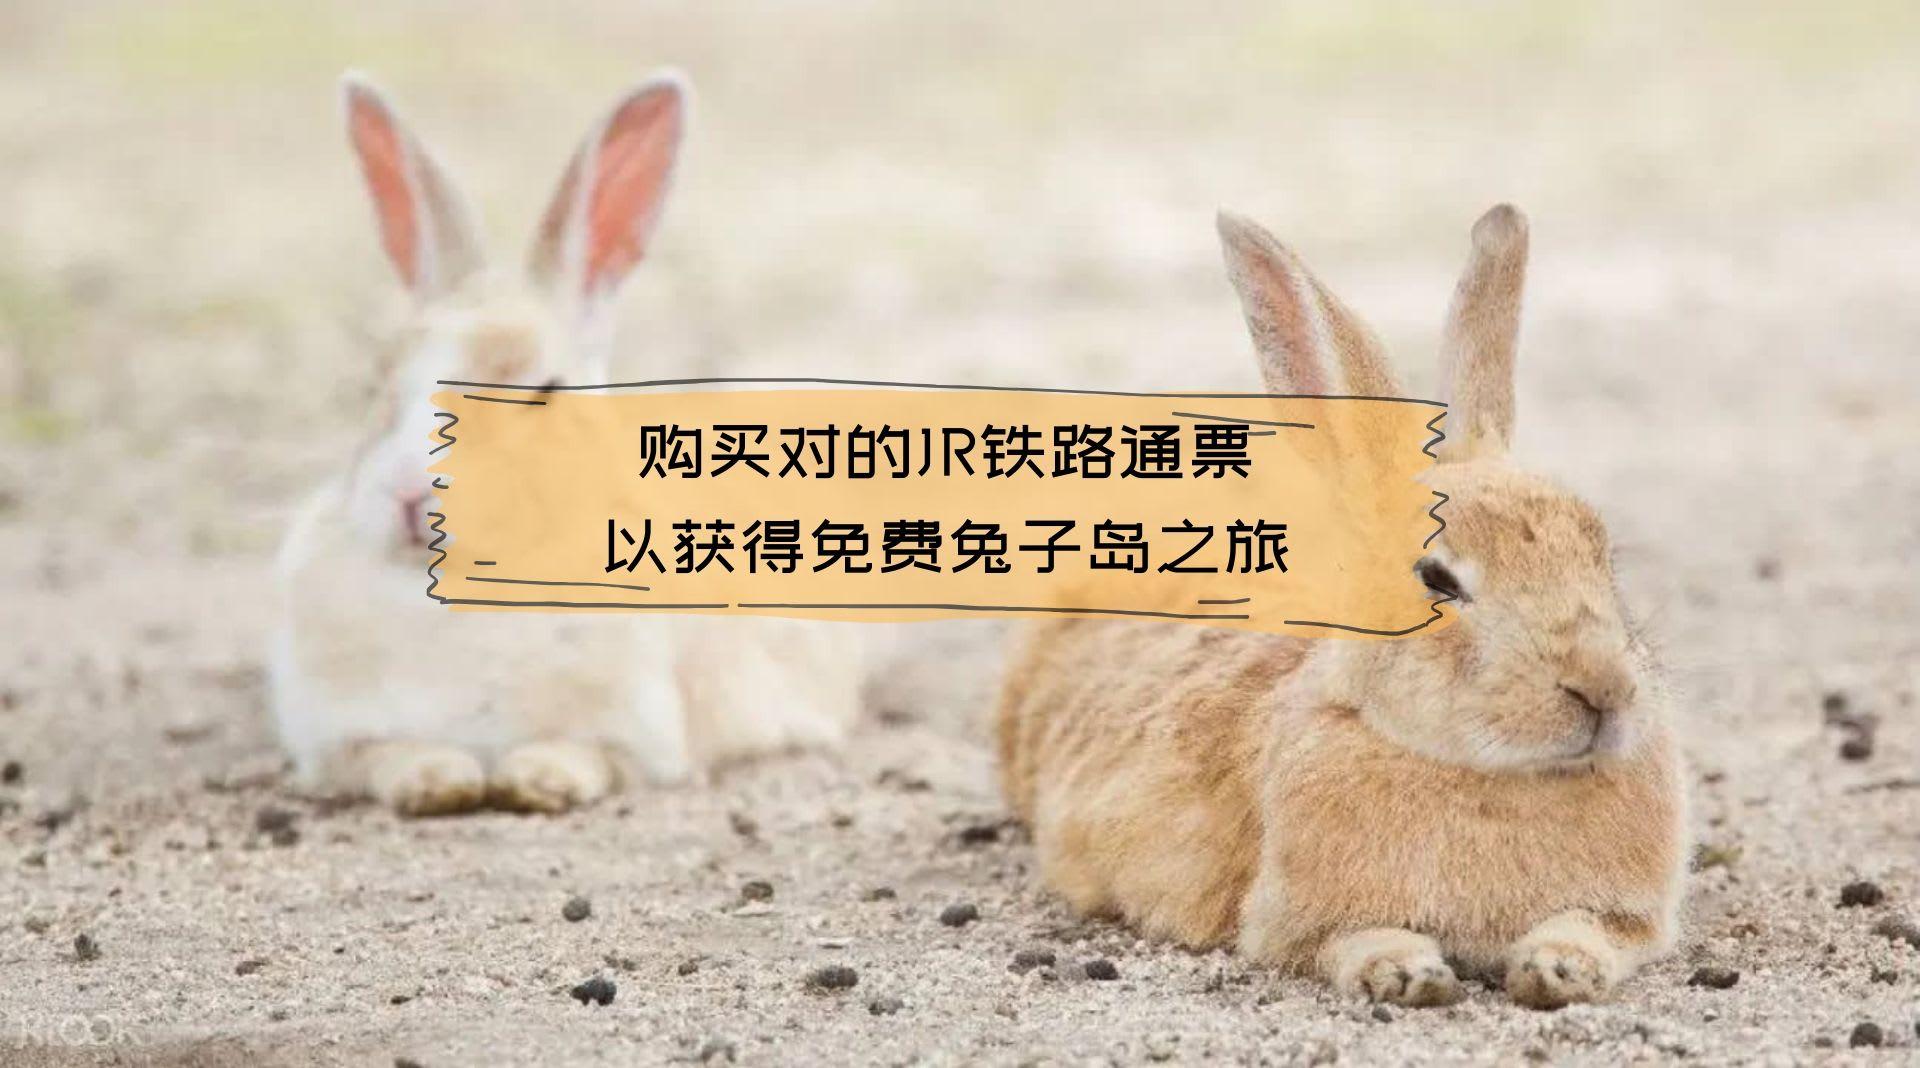 购买对的JR铁路通票 以获得免费兔子岛之旅